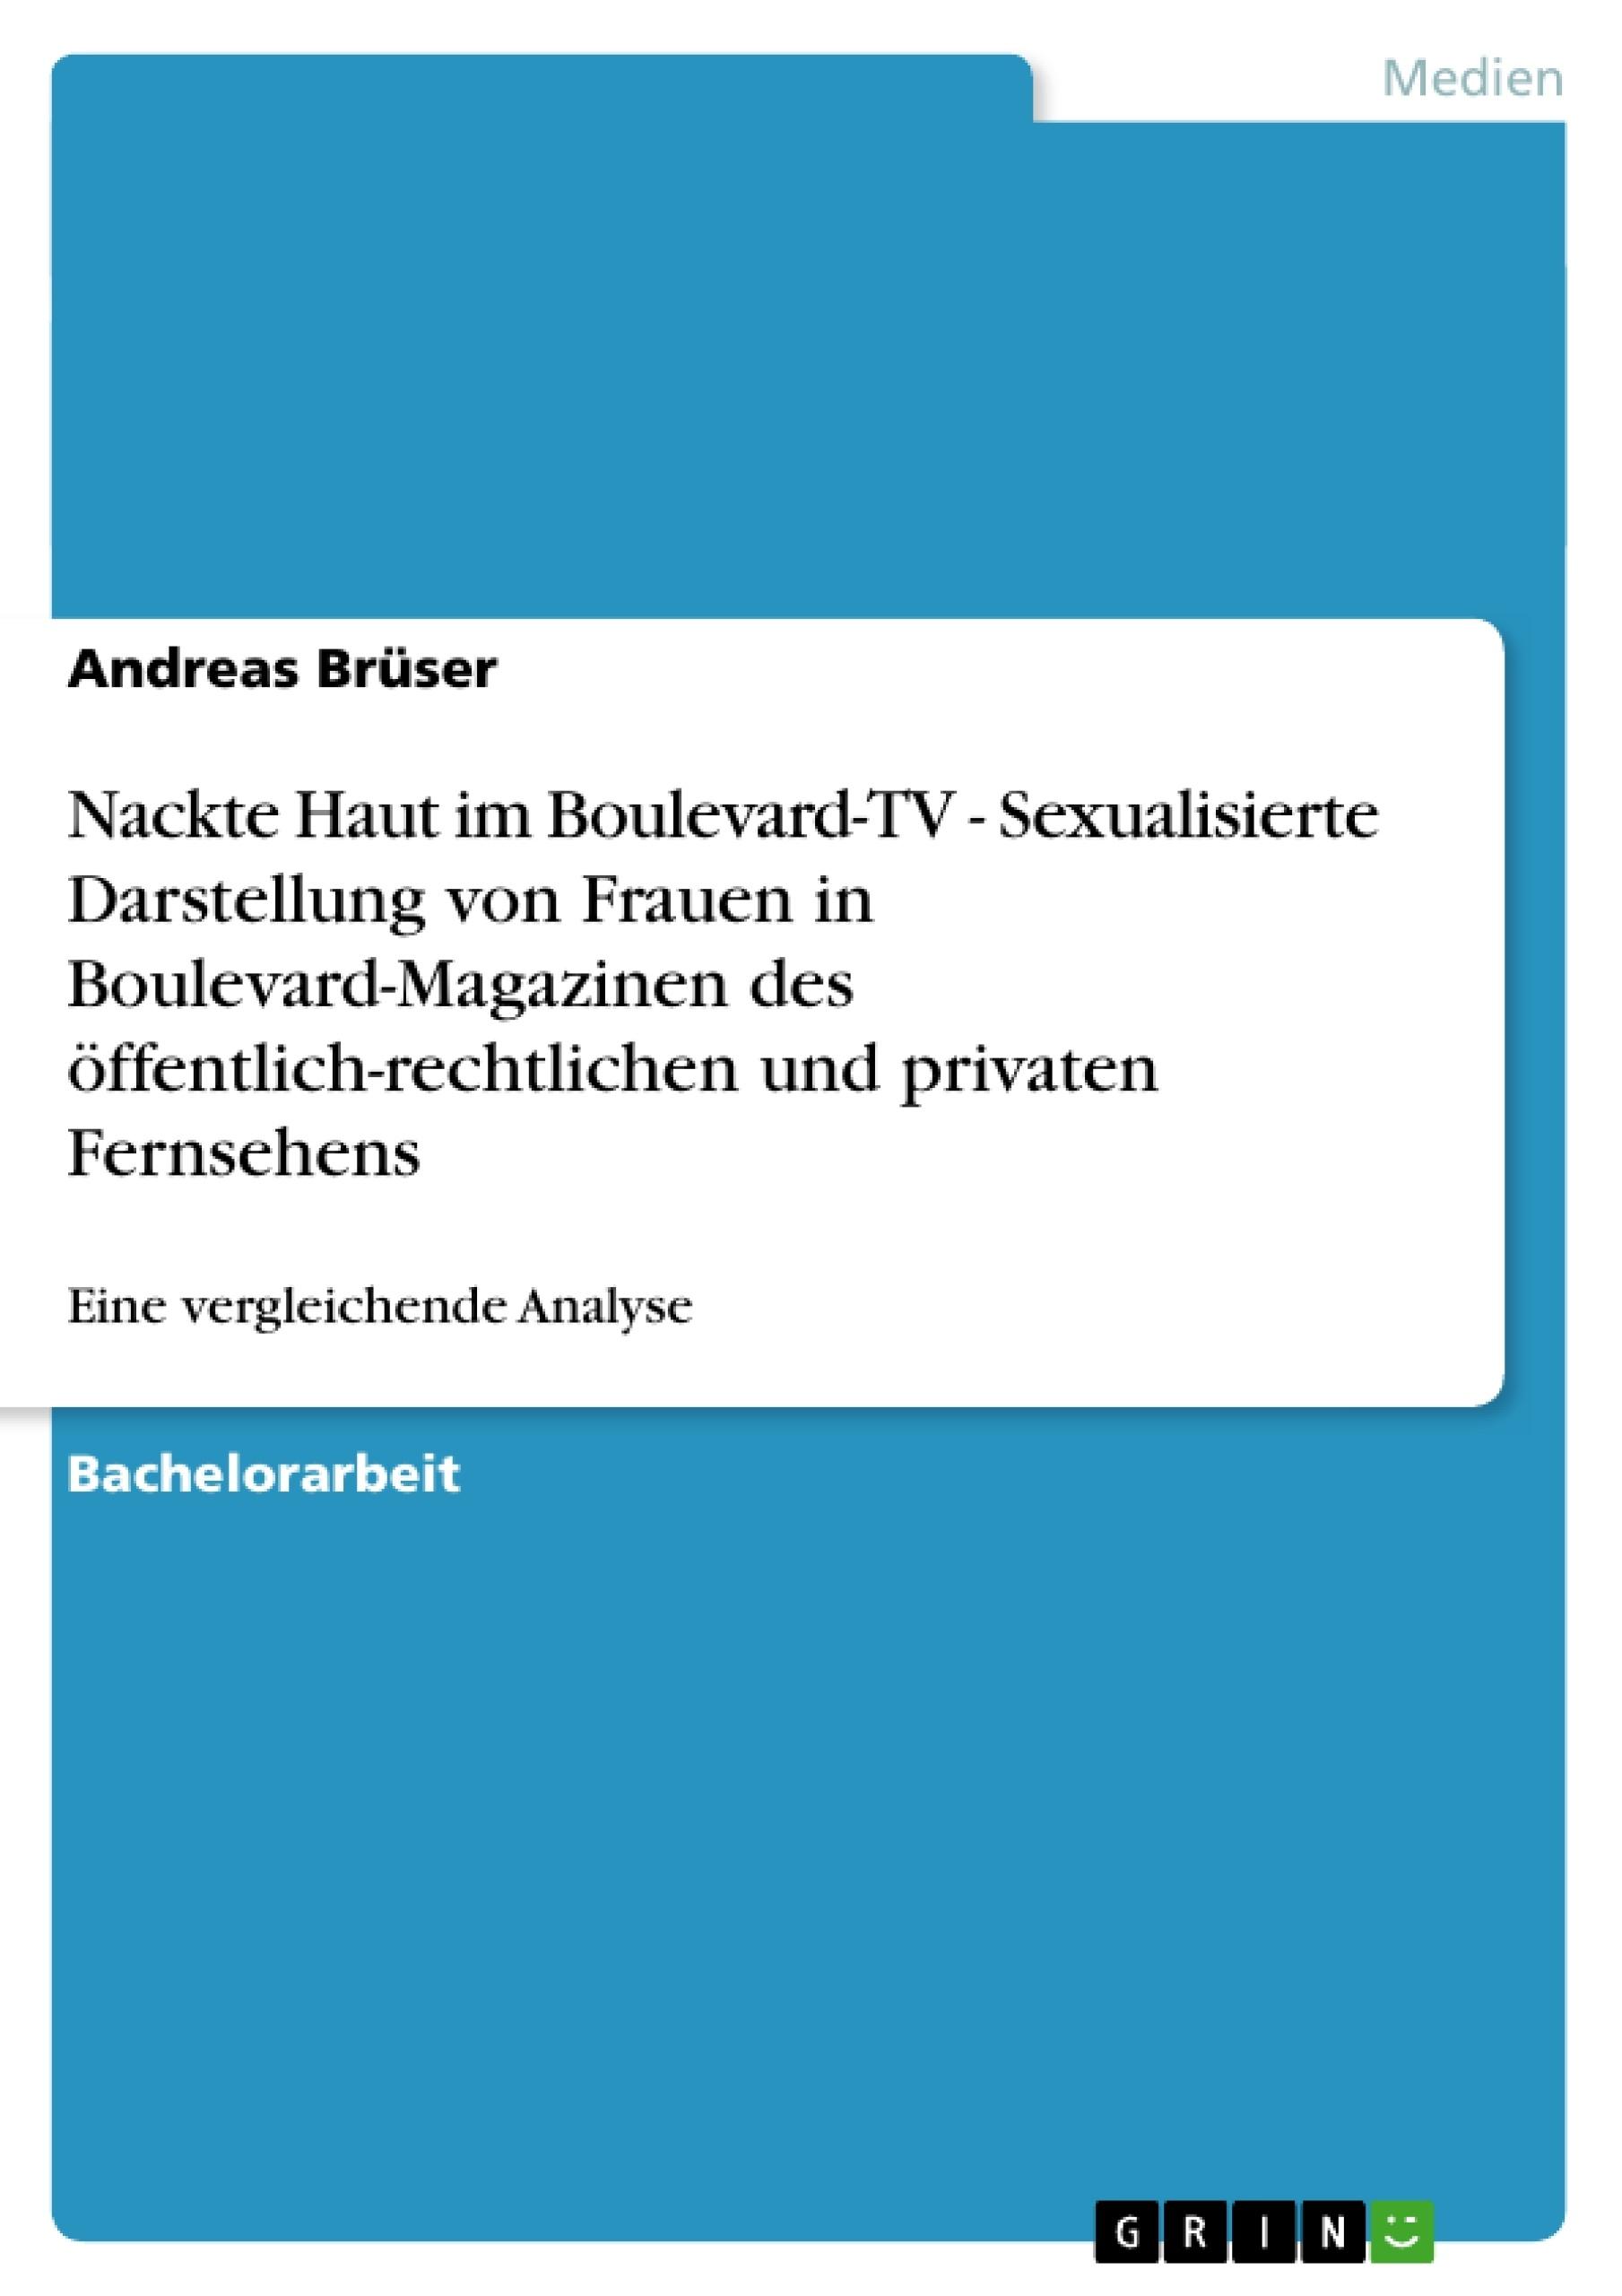 Titel: Nackte Haut im Boulevard-TV - Sexualisierte Darstellung von Frauen in Boulevard-Magazinen des öffentlich-rechtlichen und privaten Fernsehens